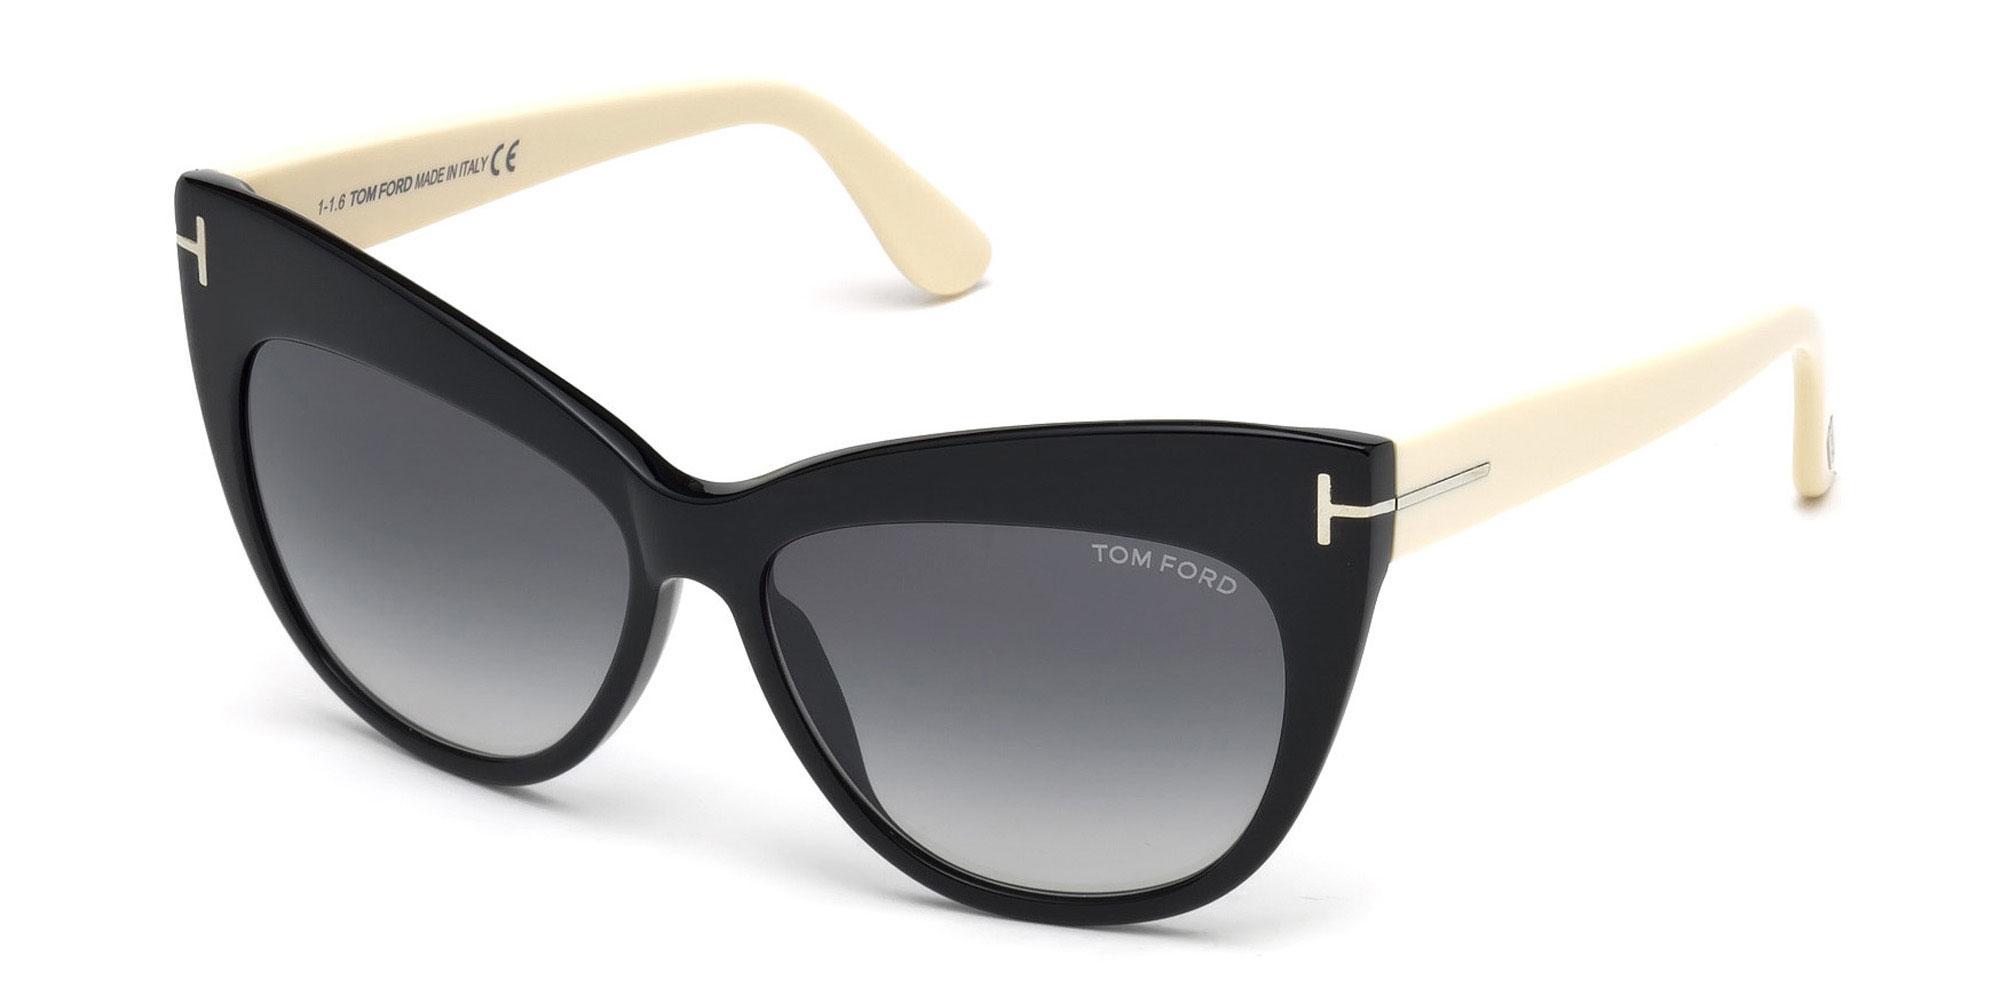 01B FT0523 Sunglasses, Tom Ford